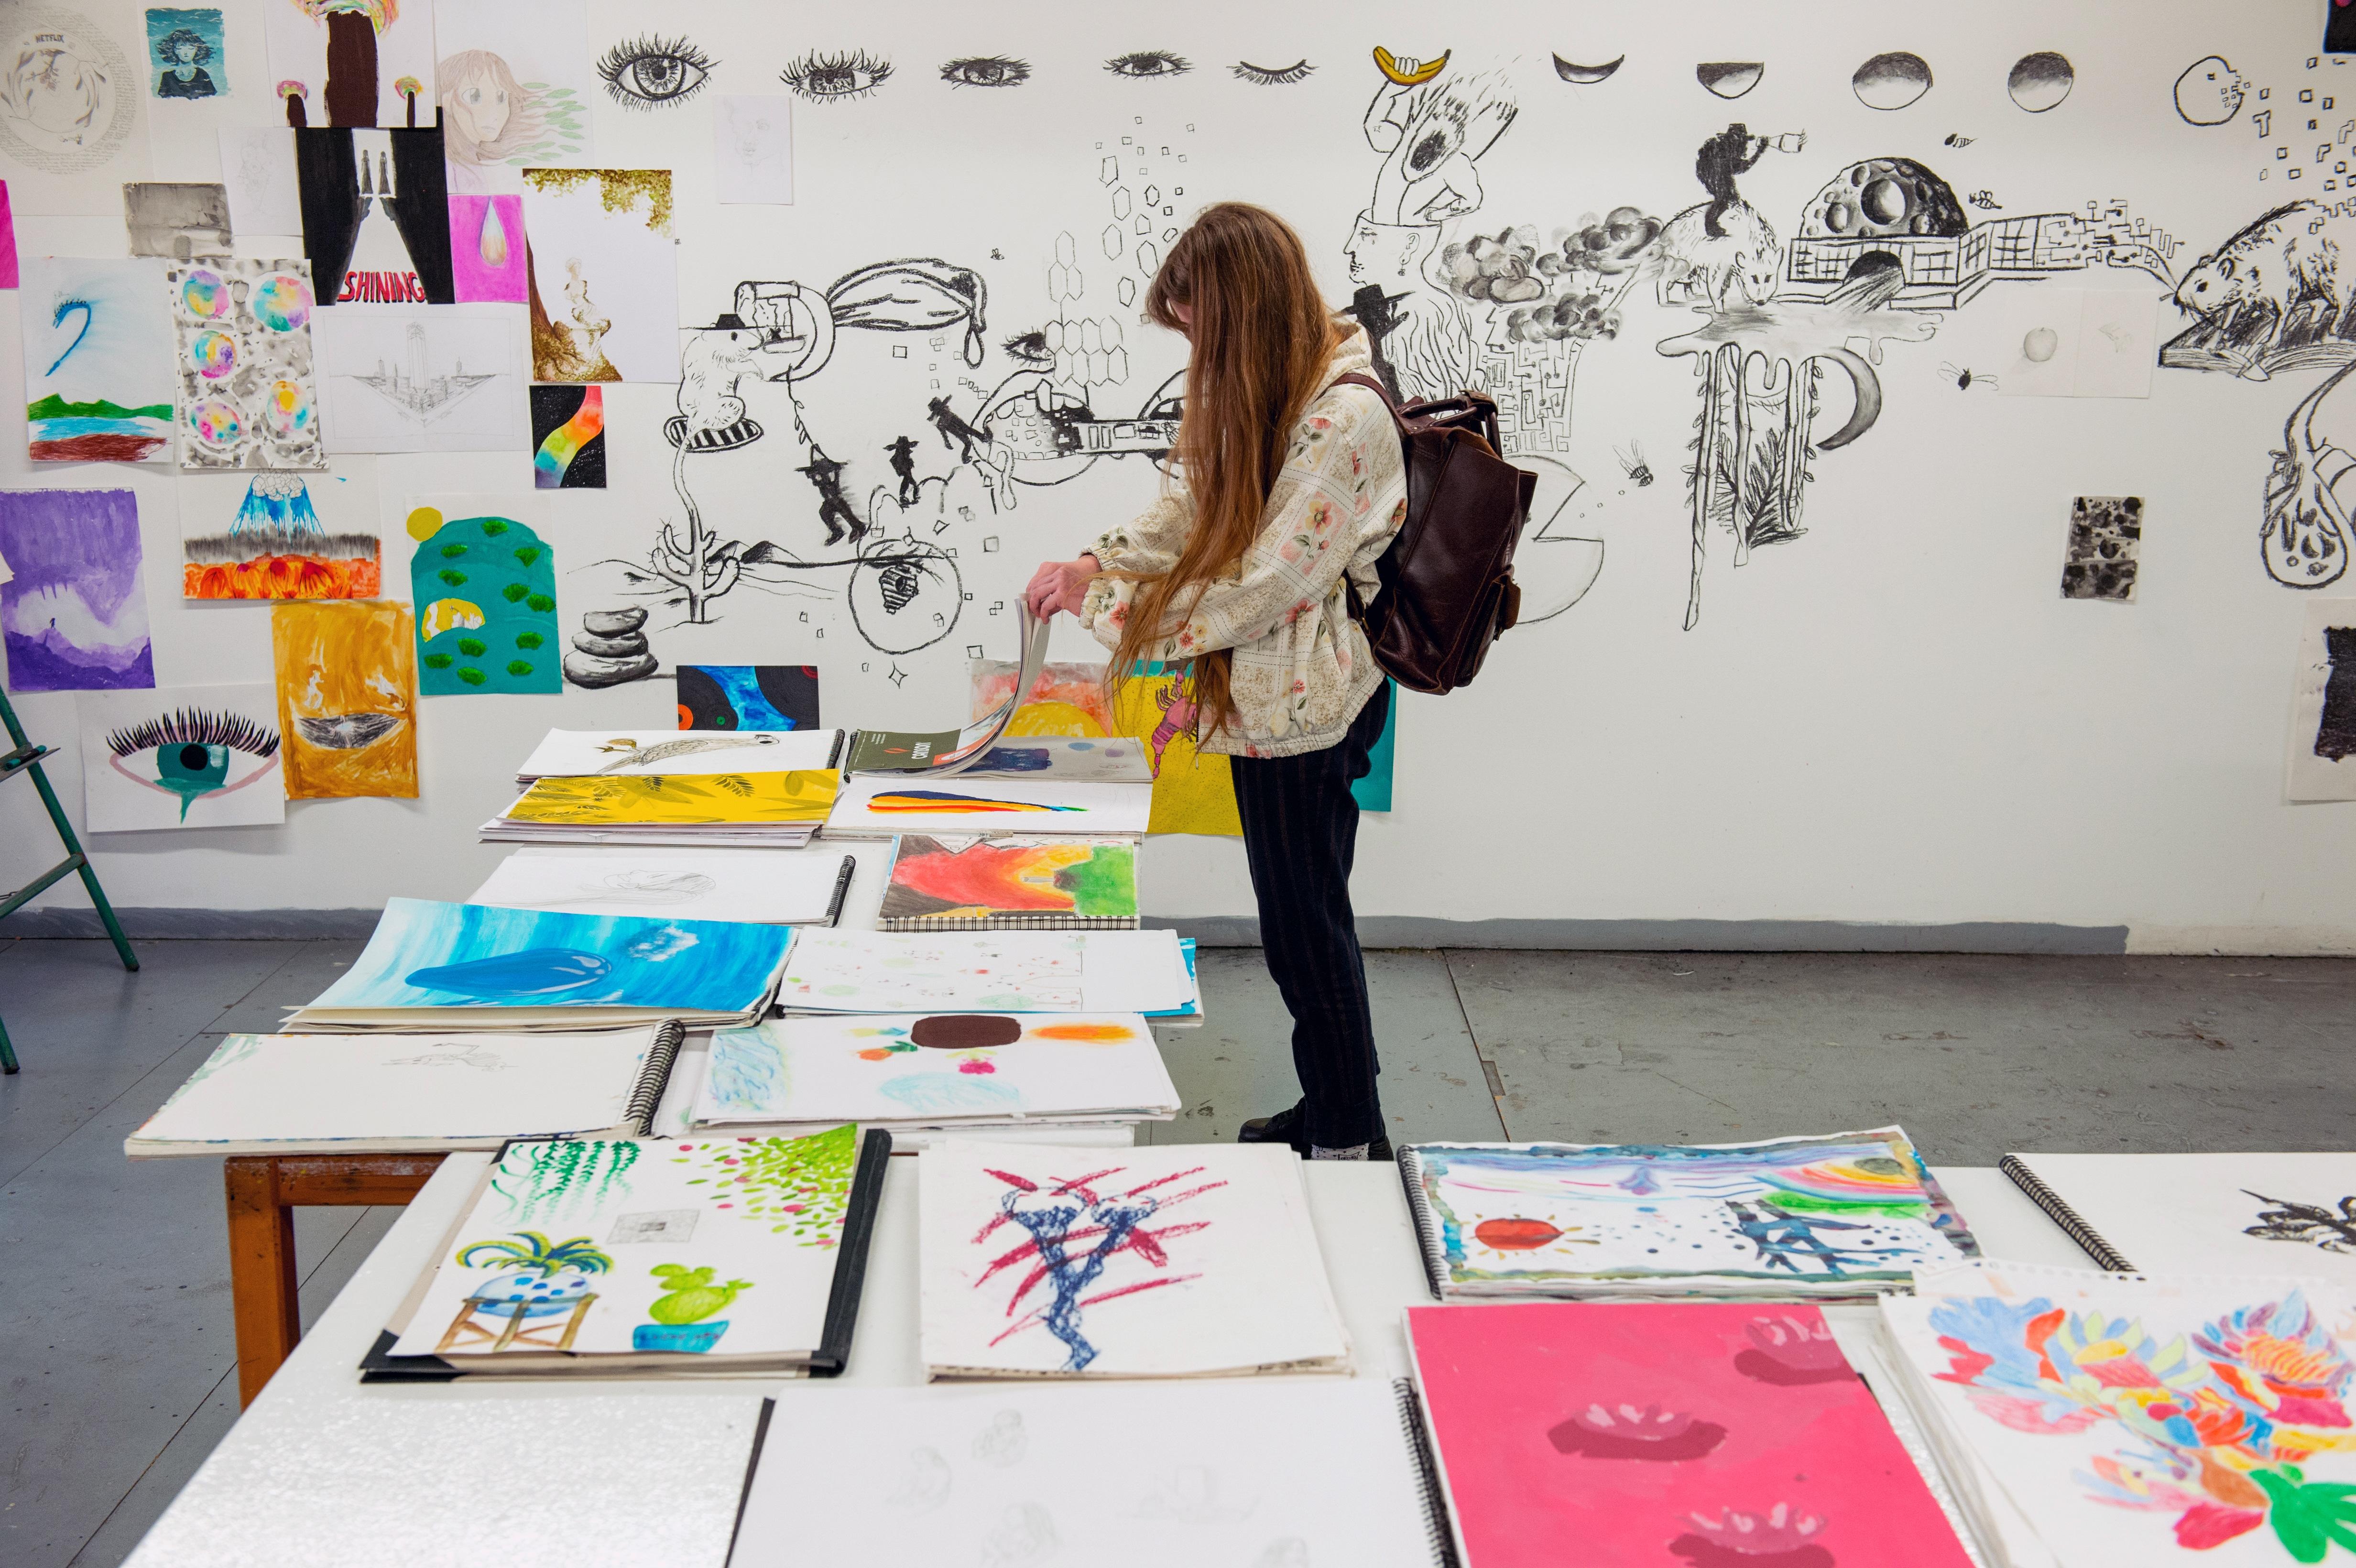 Cours enfants et adolescents, Journées Portes Ouvertes de l'isdaT, février 2019. Photographie © Franck Alix